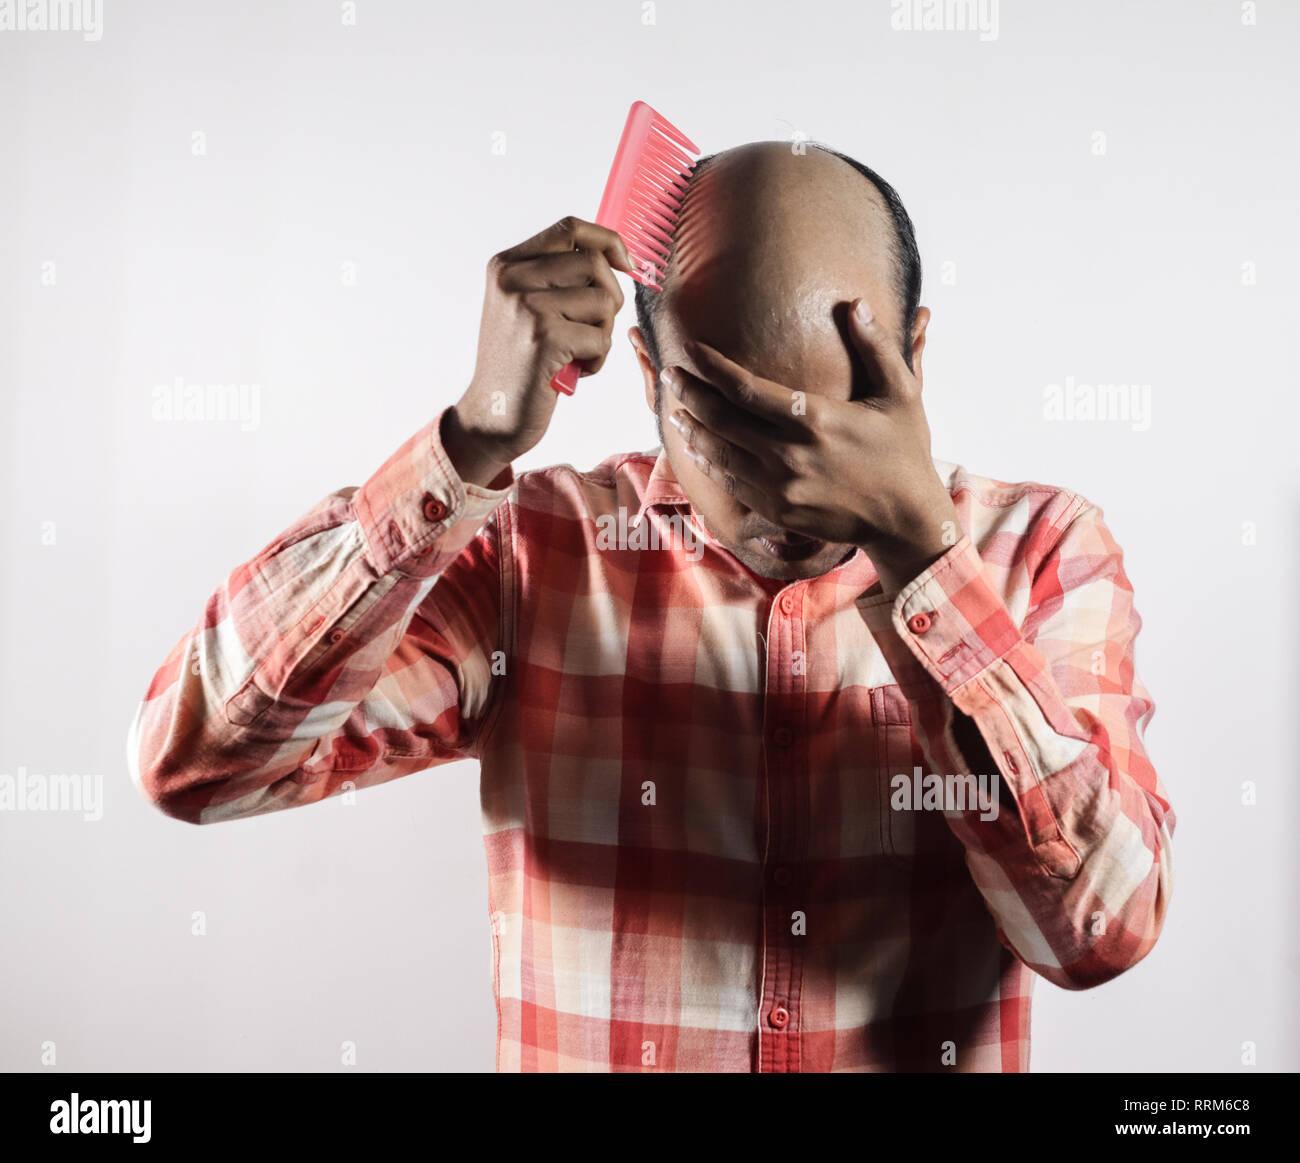 Uomo calvo che copre il suo volto nella vergogna a fondo bianco con spazio per il testo Immagini Stock